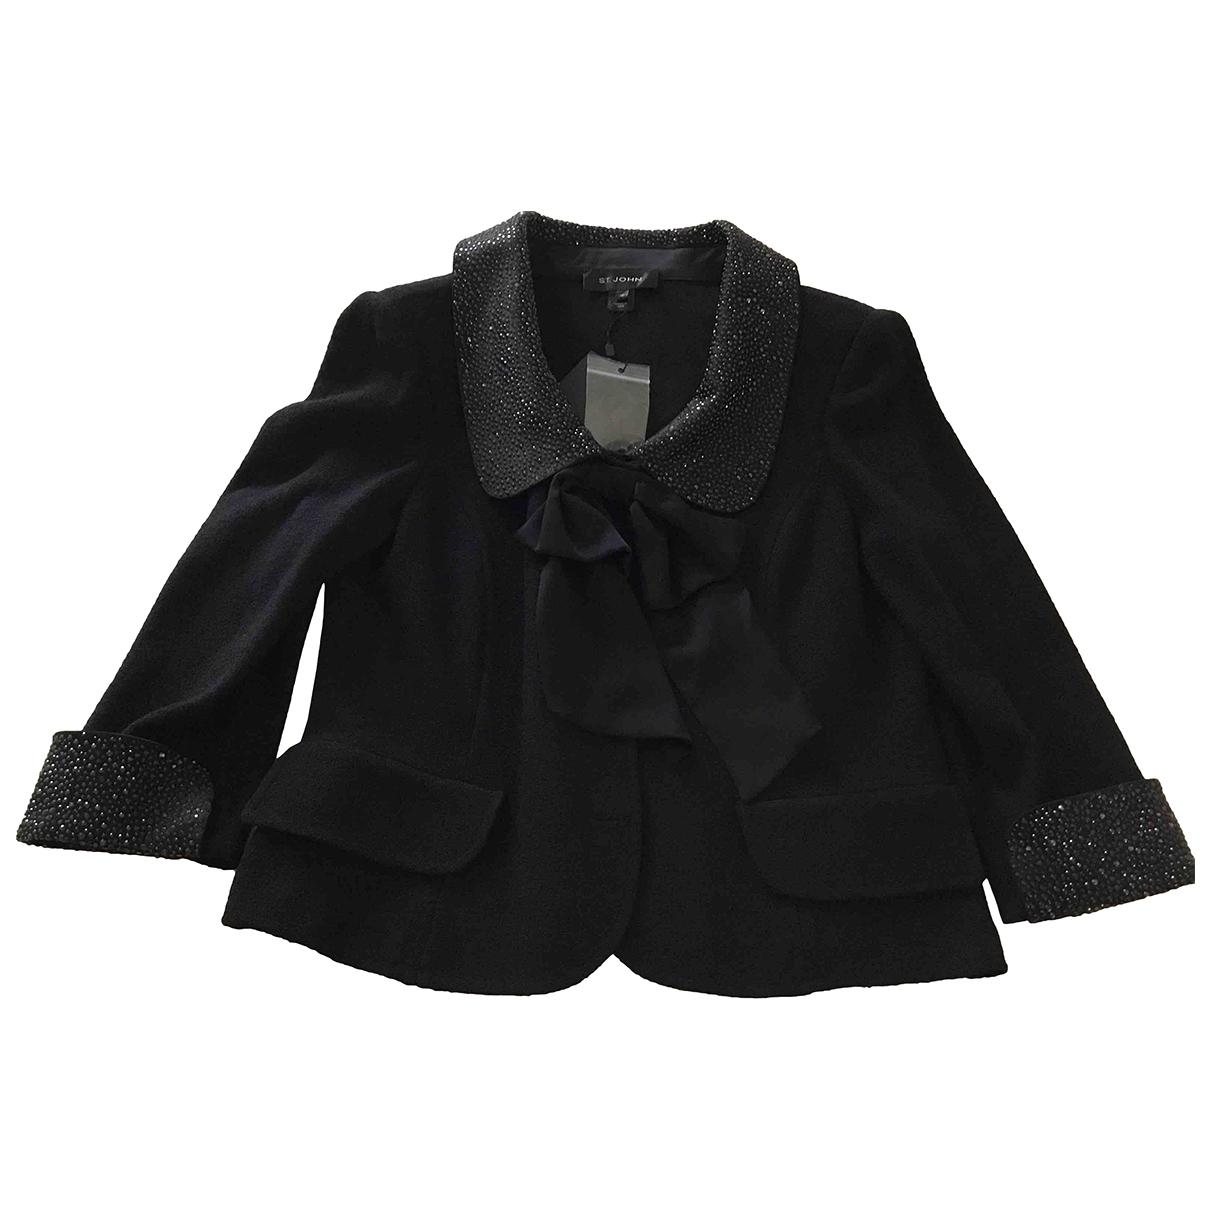 St John \N Black Wool jacket for Women 10 US